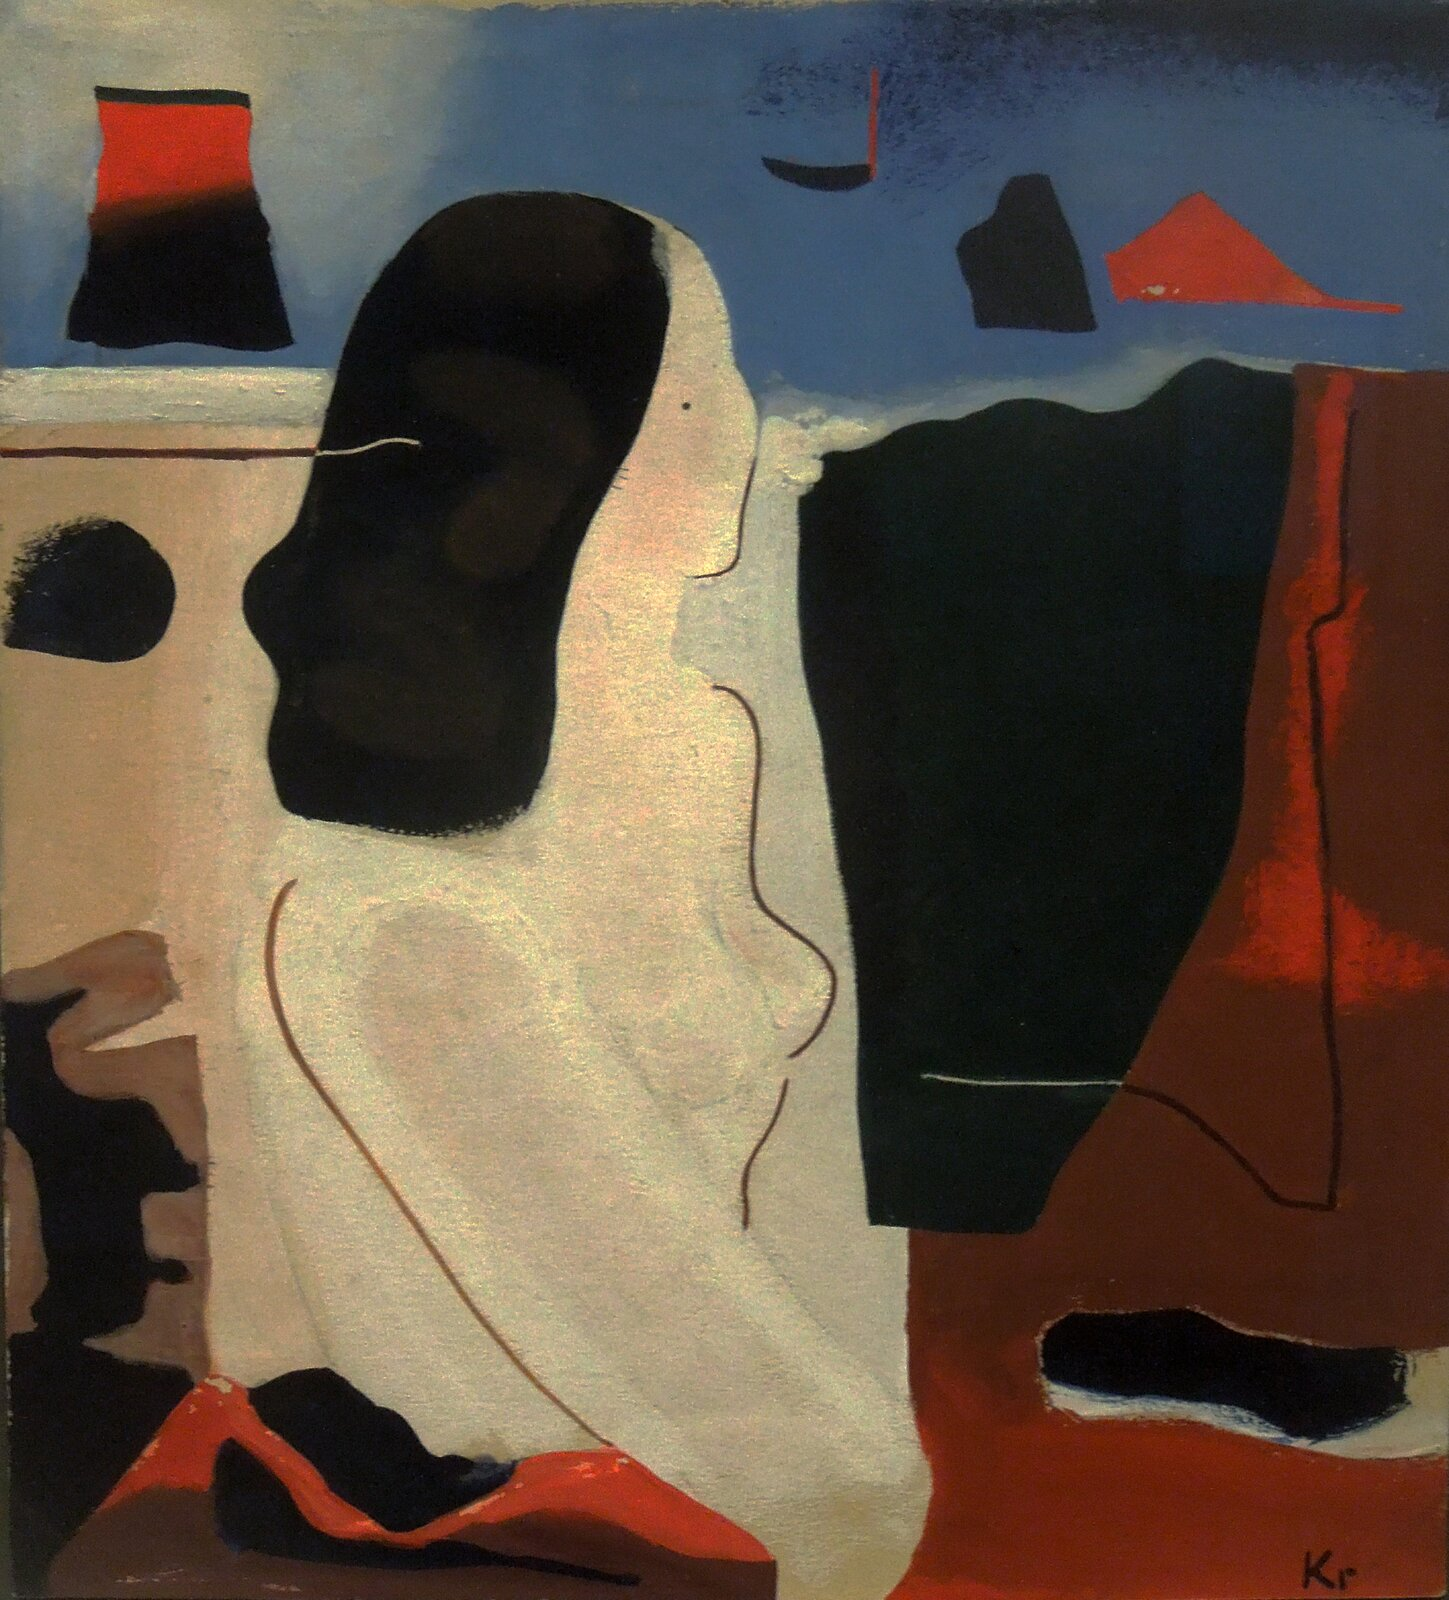 """Ilustracja przedstawia obraz """"Akt"""" autorstwa Karola Kryńskiego. Dzieło ukazuje syntetycznie ujęty akt kobiety. Wfiguratywnym przedstawieniu widać duży wpływ koncepcji sztuki abstrakcyjnej. Postać ukazana jest do pasa. Włosy namalowane są jedną, czarną, długą, płaską plamą. Tułów stanowi jasny kształt, na którym artysta przy pomocy białych przetarć ukazał światło, jedynie sugerujące wypukłości ciała. Przy pomocy cienkich, brązowych linii zaznaczył fragment profilu twarzy, ramię ipierś oraz kawałek ręki modelki. Małym ciemnym punktem zaznaczył oko. Postać wpisana jest wpodzielone na trzy plamy barwne tło. Ugóry znajduje się pas koloru niebieskiego, po prawej stronie czerwono-brązowa natomiast po lewej jasno-beżowa plama. Na ich tle umieszczone są płaskie, nieregularne kształty wczarnym, czerwonym ibeżowym kolorze. Kompozycja obrazu jest otwarta. Obraz wykonany jest techniką gwaszu."""